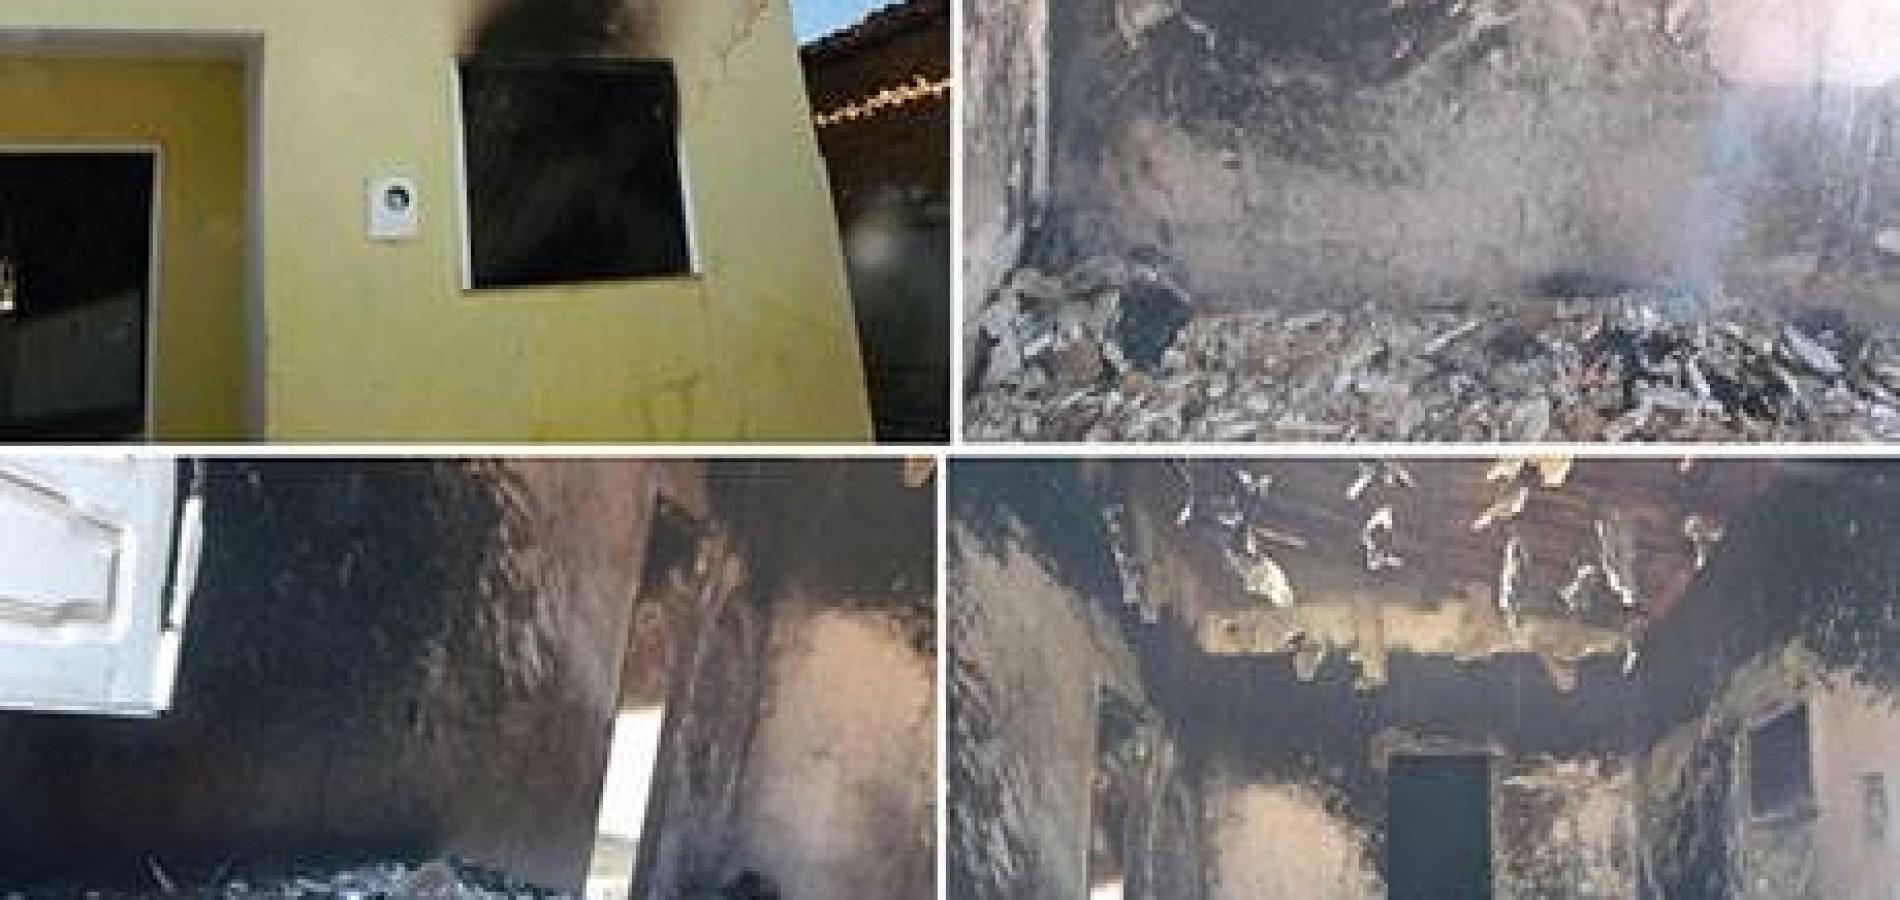 Incêndio criminoso deixa residência destruída em São João do Piauí